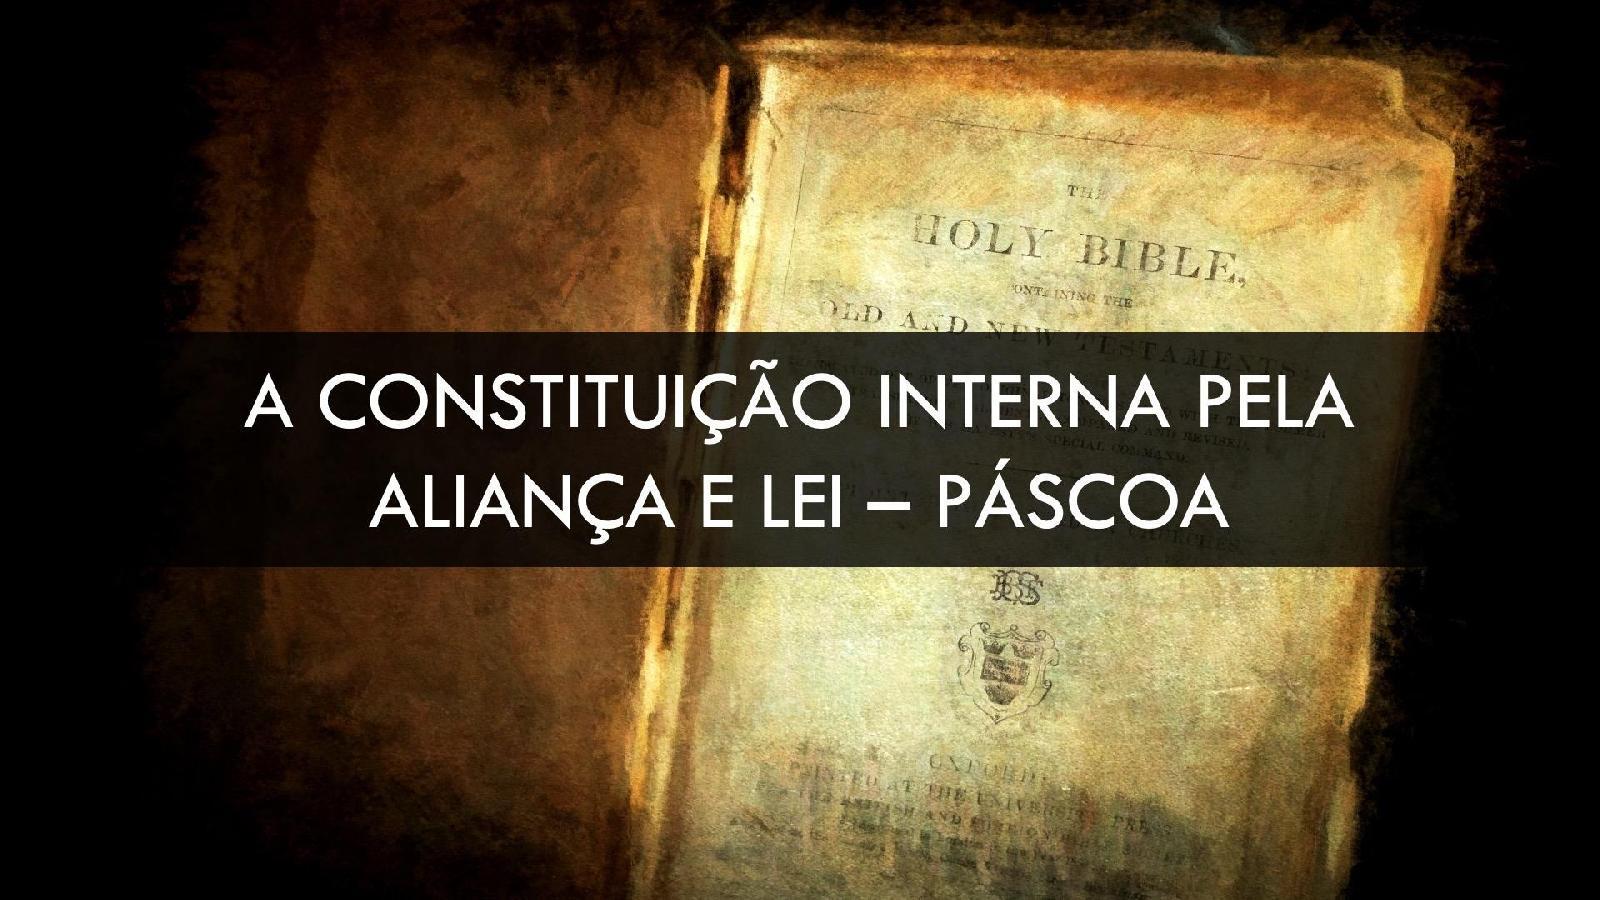 Constituição Interna pela Aliança e Lei - A Páscoa e a Saída